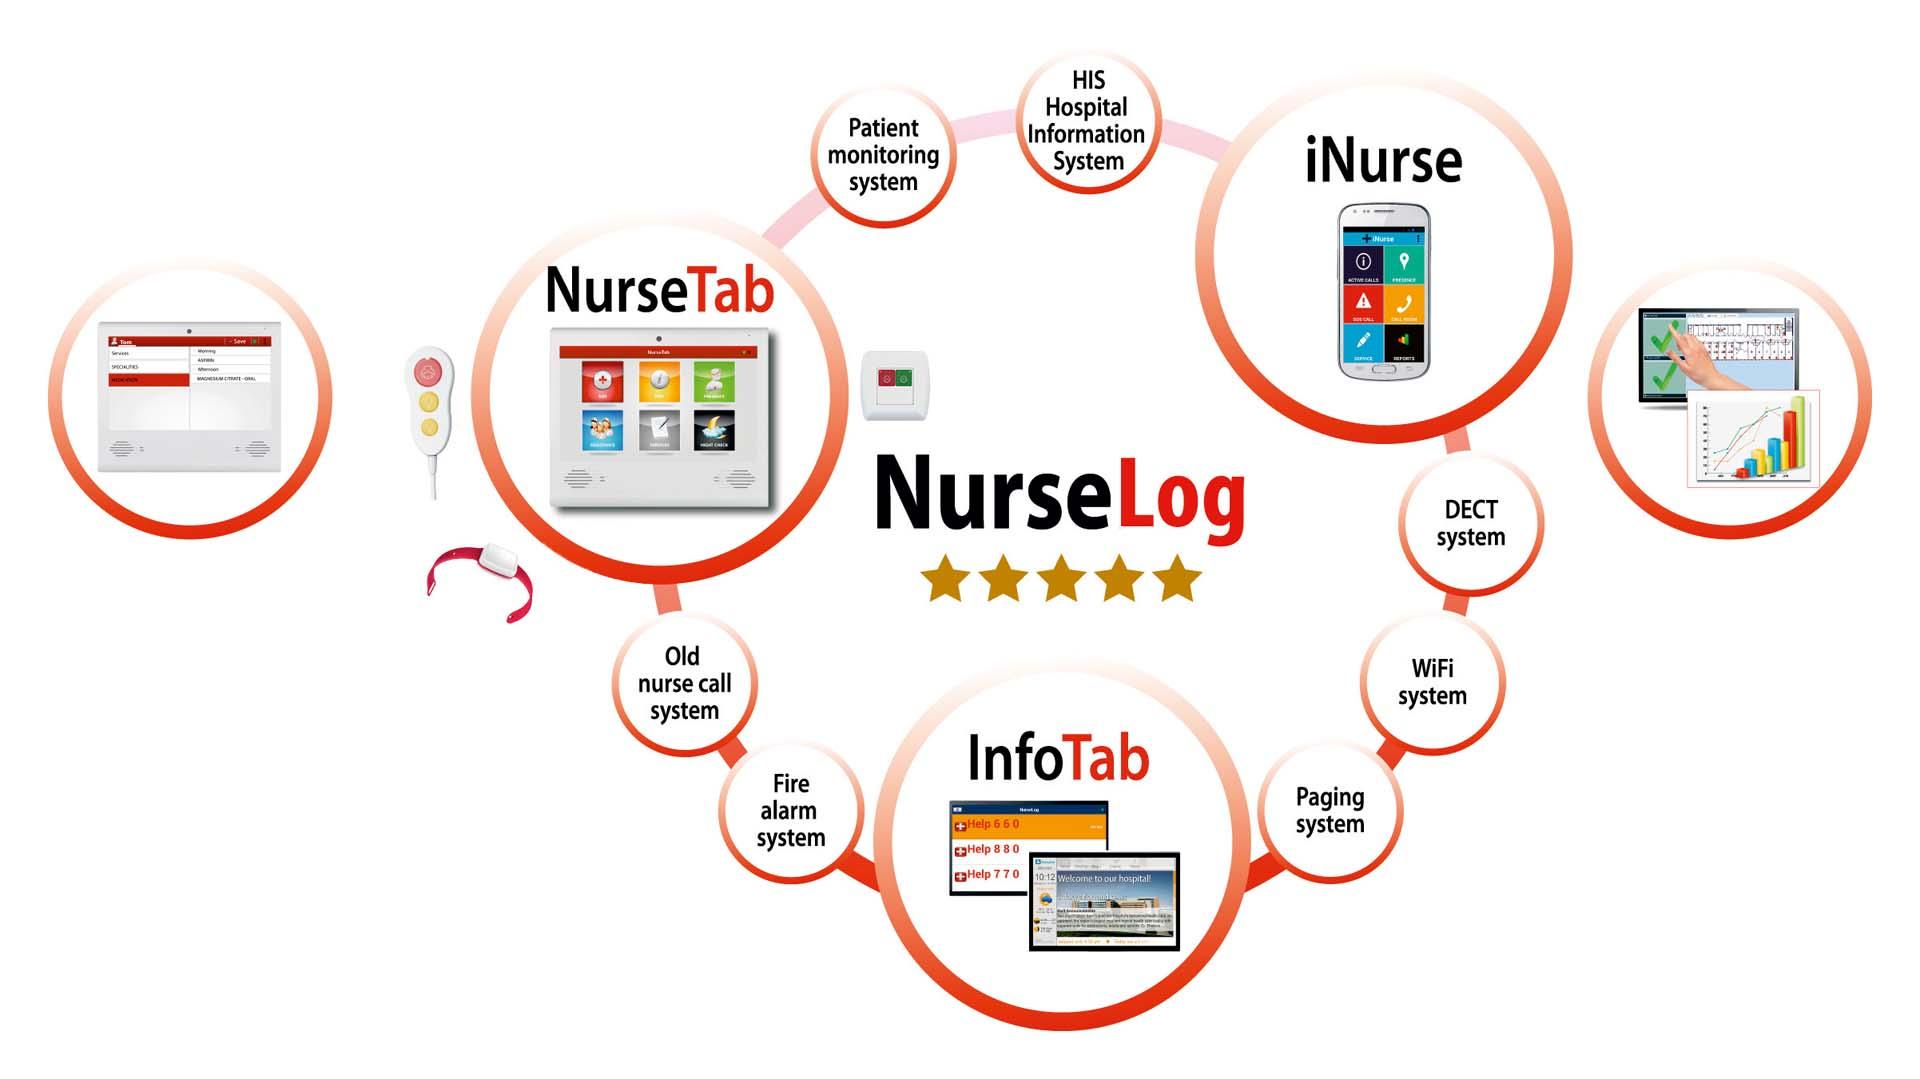 NurseLog-circle-en.jpg